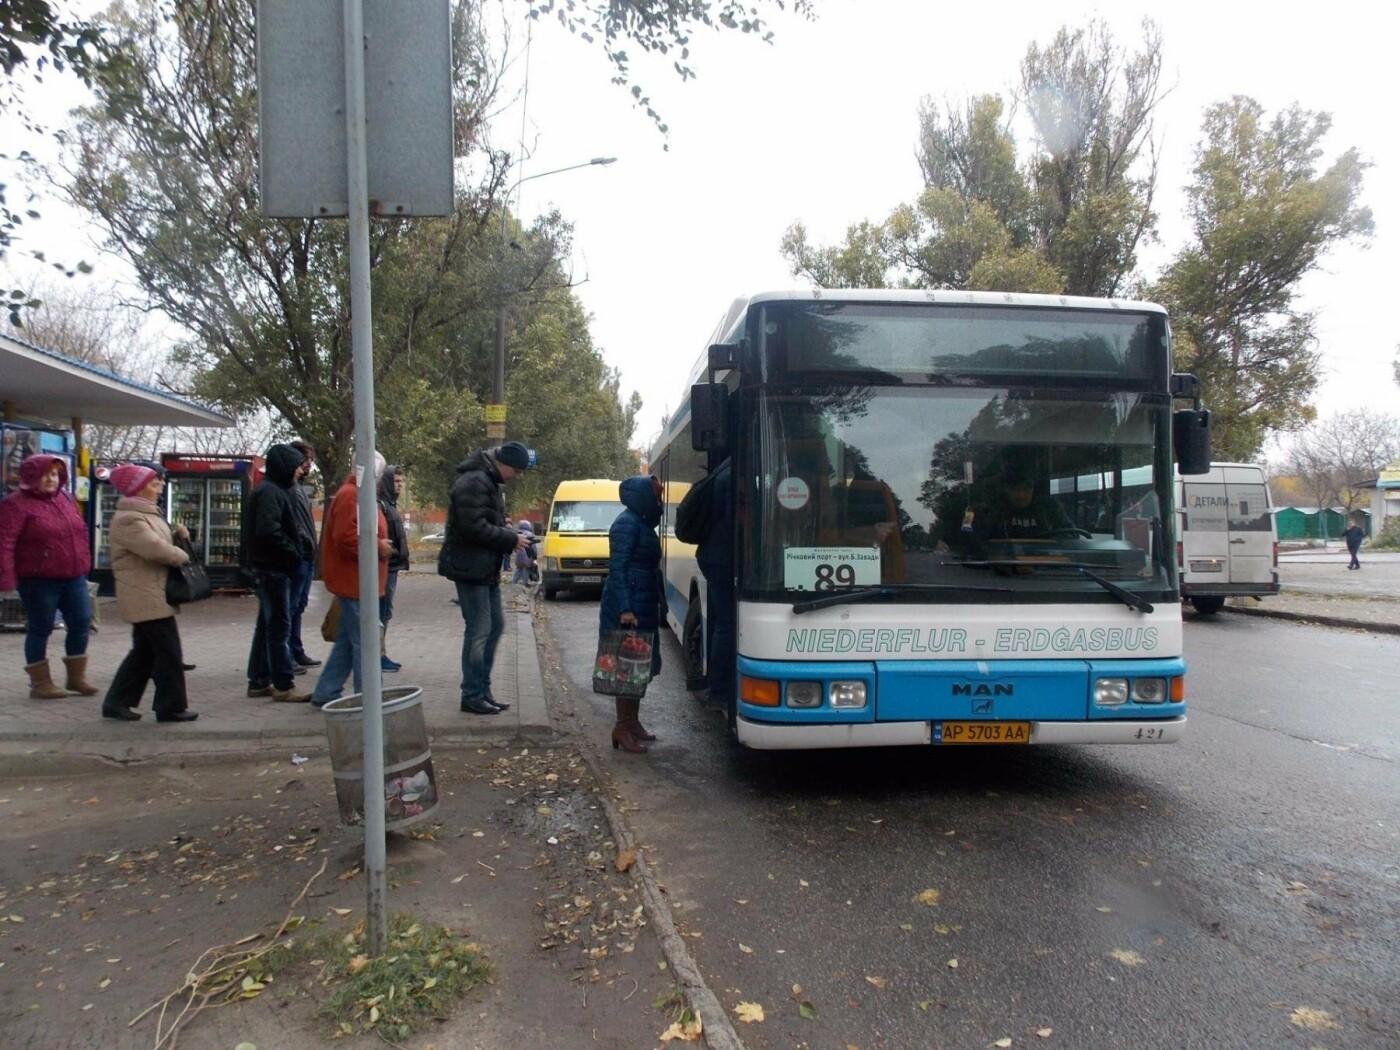 В Шевченковский район Запорожья на маршруте №89 будут ездить 100-местные автобусы, — ФОТО, фото-2